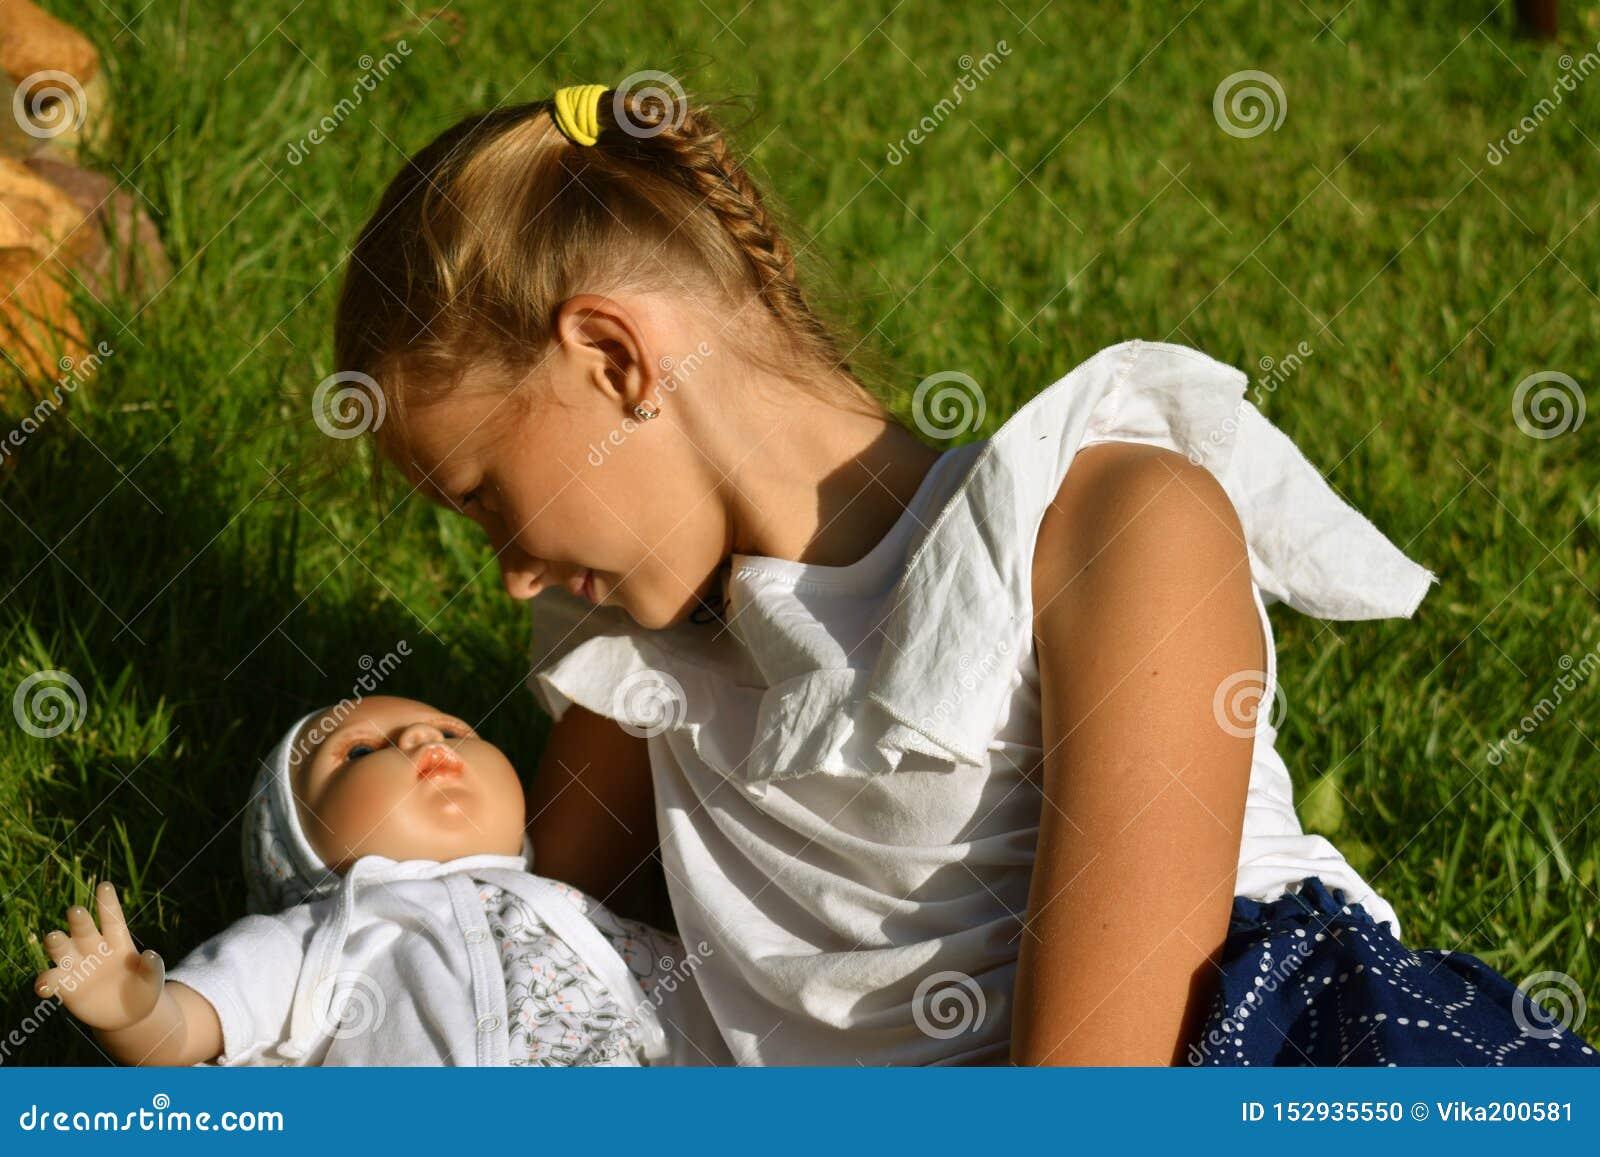 Όμορφο μικρό κορίτσι με μια κούκλα το καλοκαίρι σε έναν κήπο